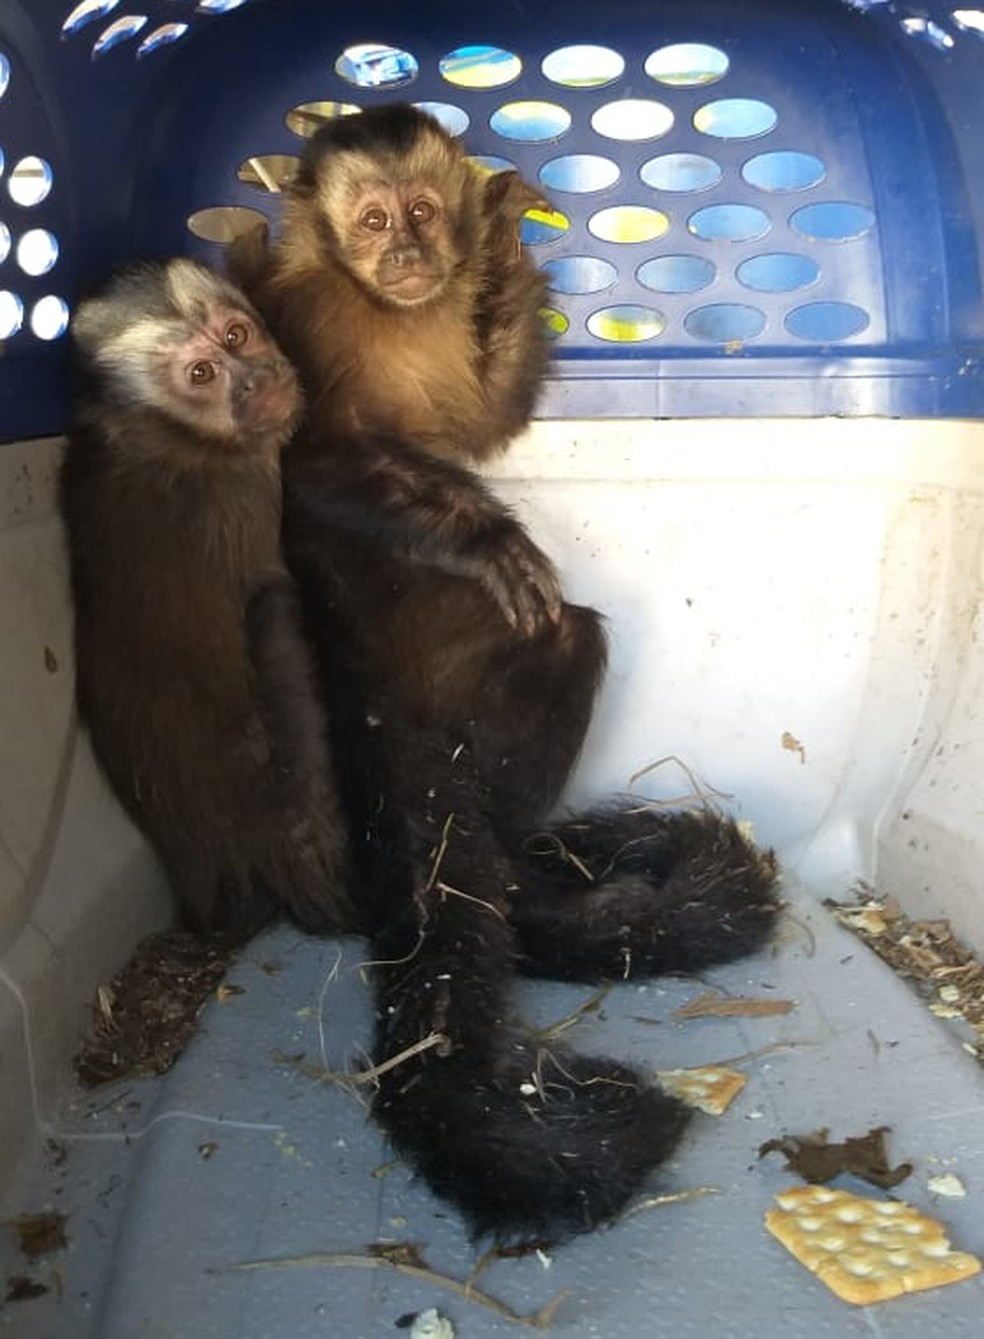 Macacos-prego foram encontrados dentro de porta-luvas de carro em Catanduva  — Foto: Divulgação/Polícia Militar Ambiental